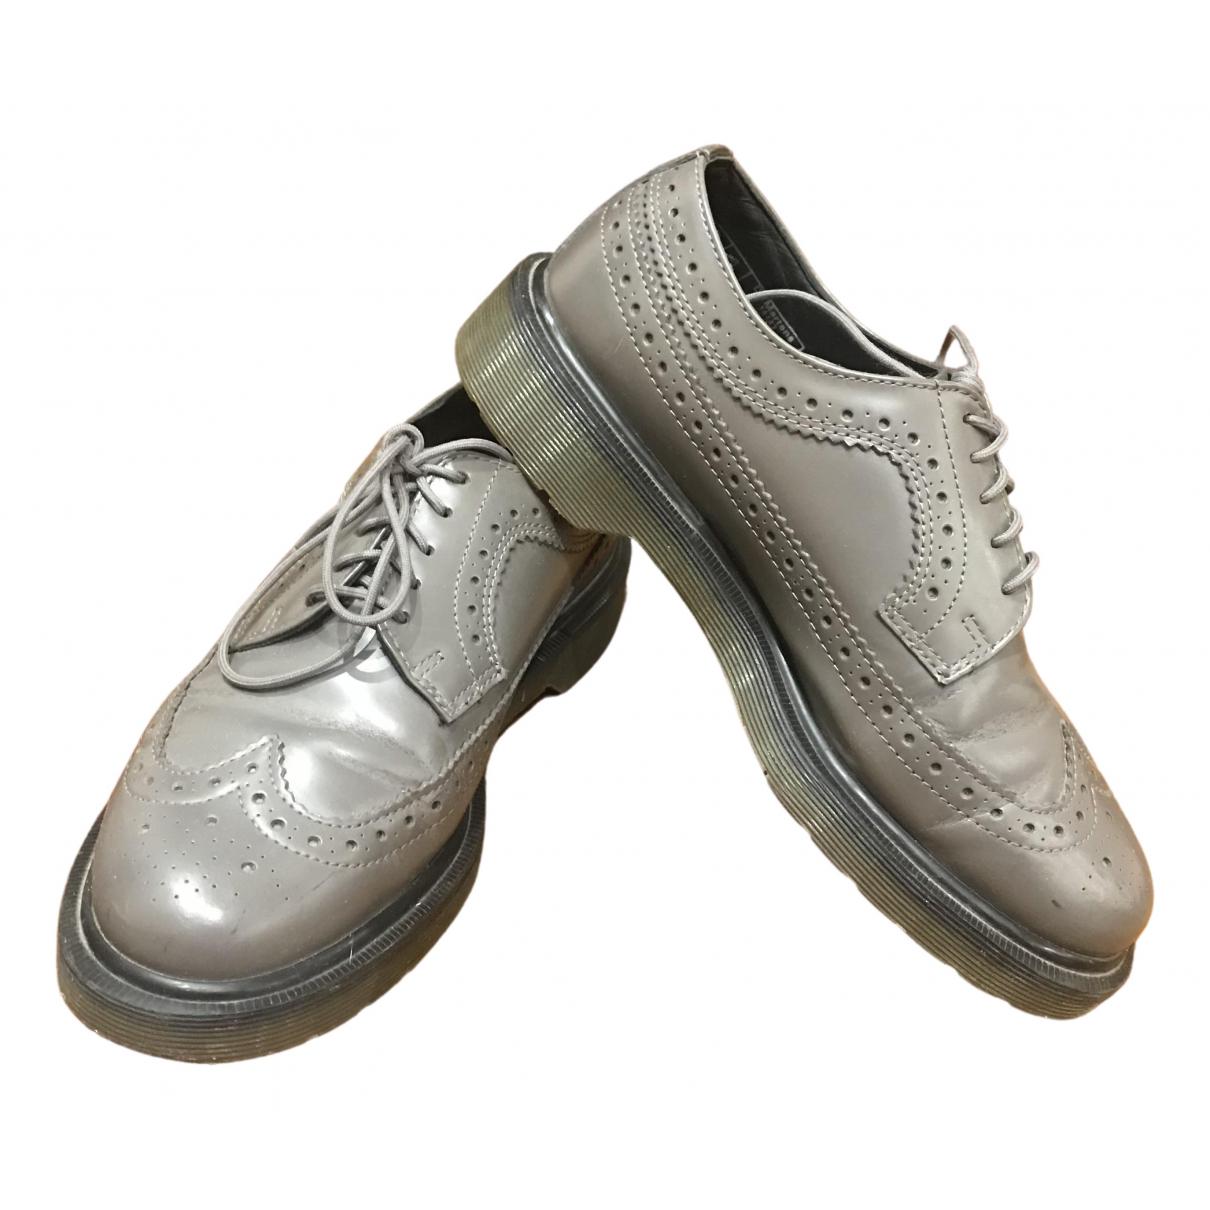 Dr. Martens - Derbies 3989 (Brogue) pour femme en cuir - gris